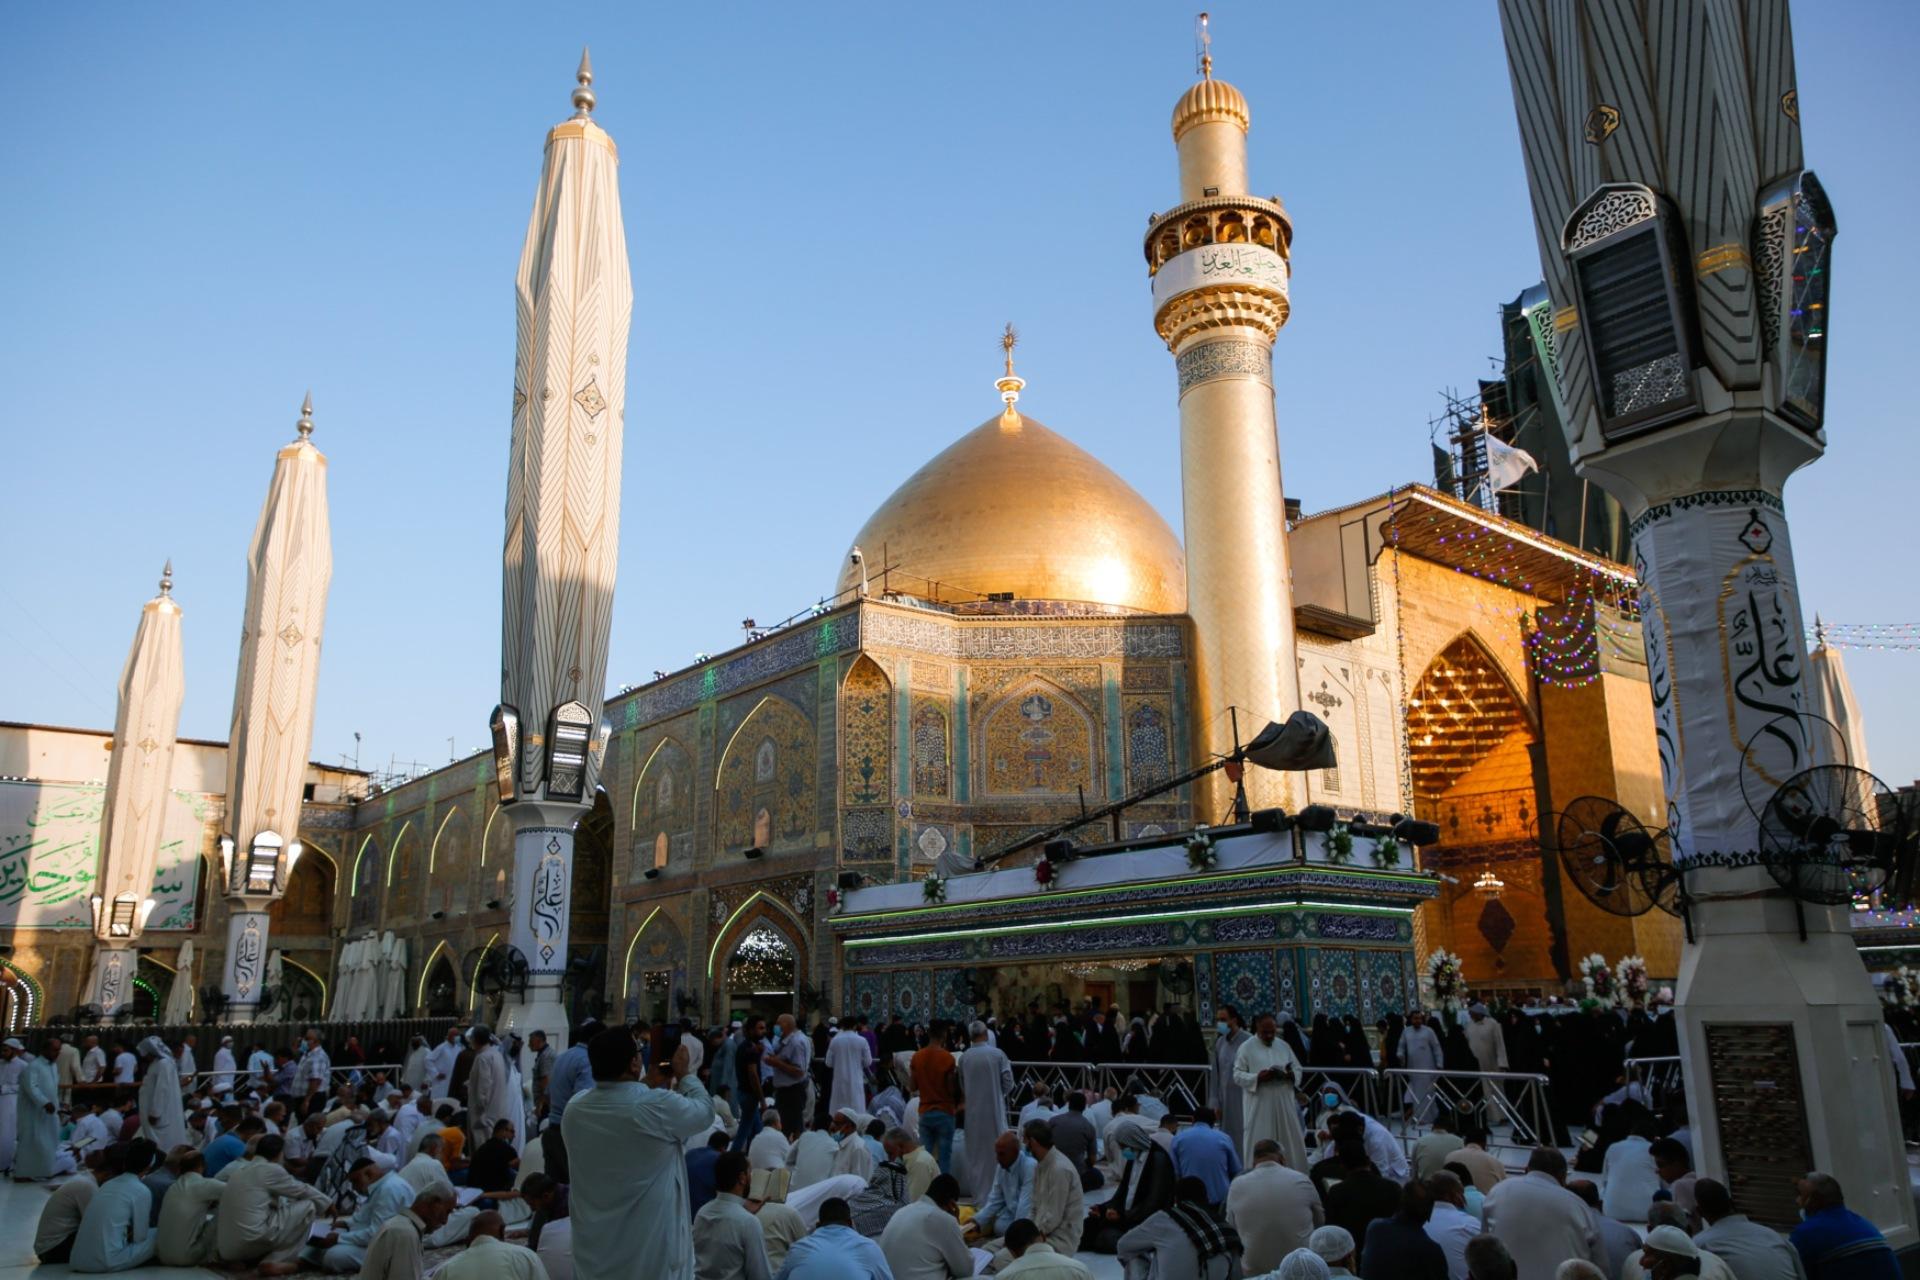 تأمين زيارة الغدير بمشاركة 23 ألف عنصر من القوات الأمنية